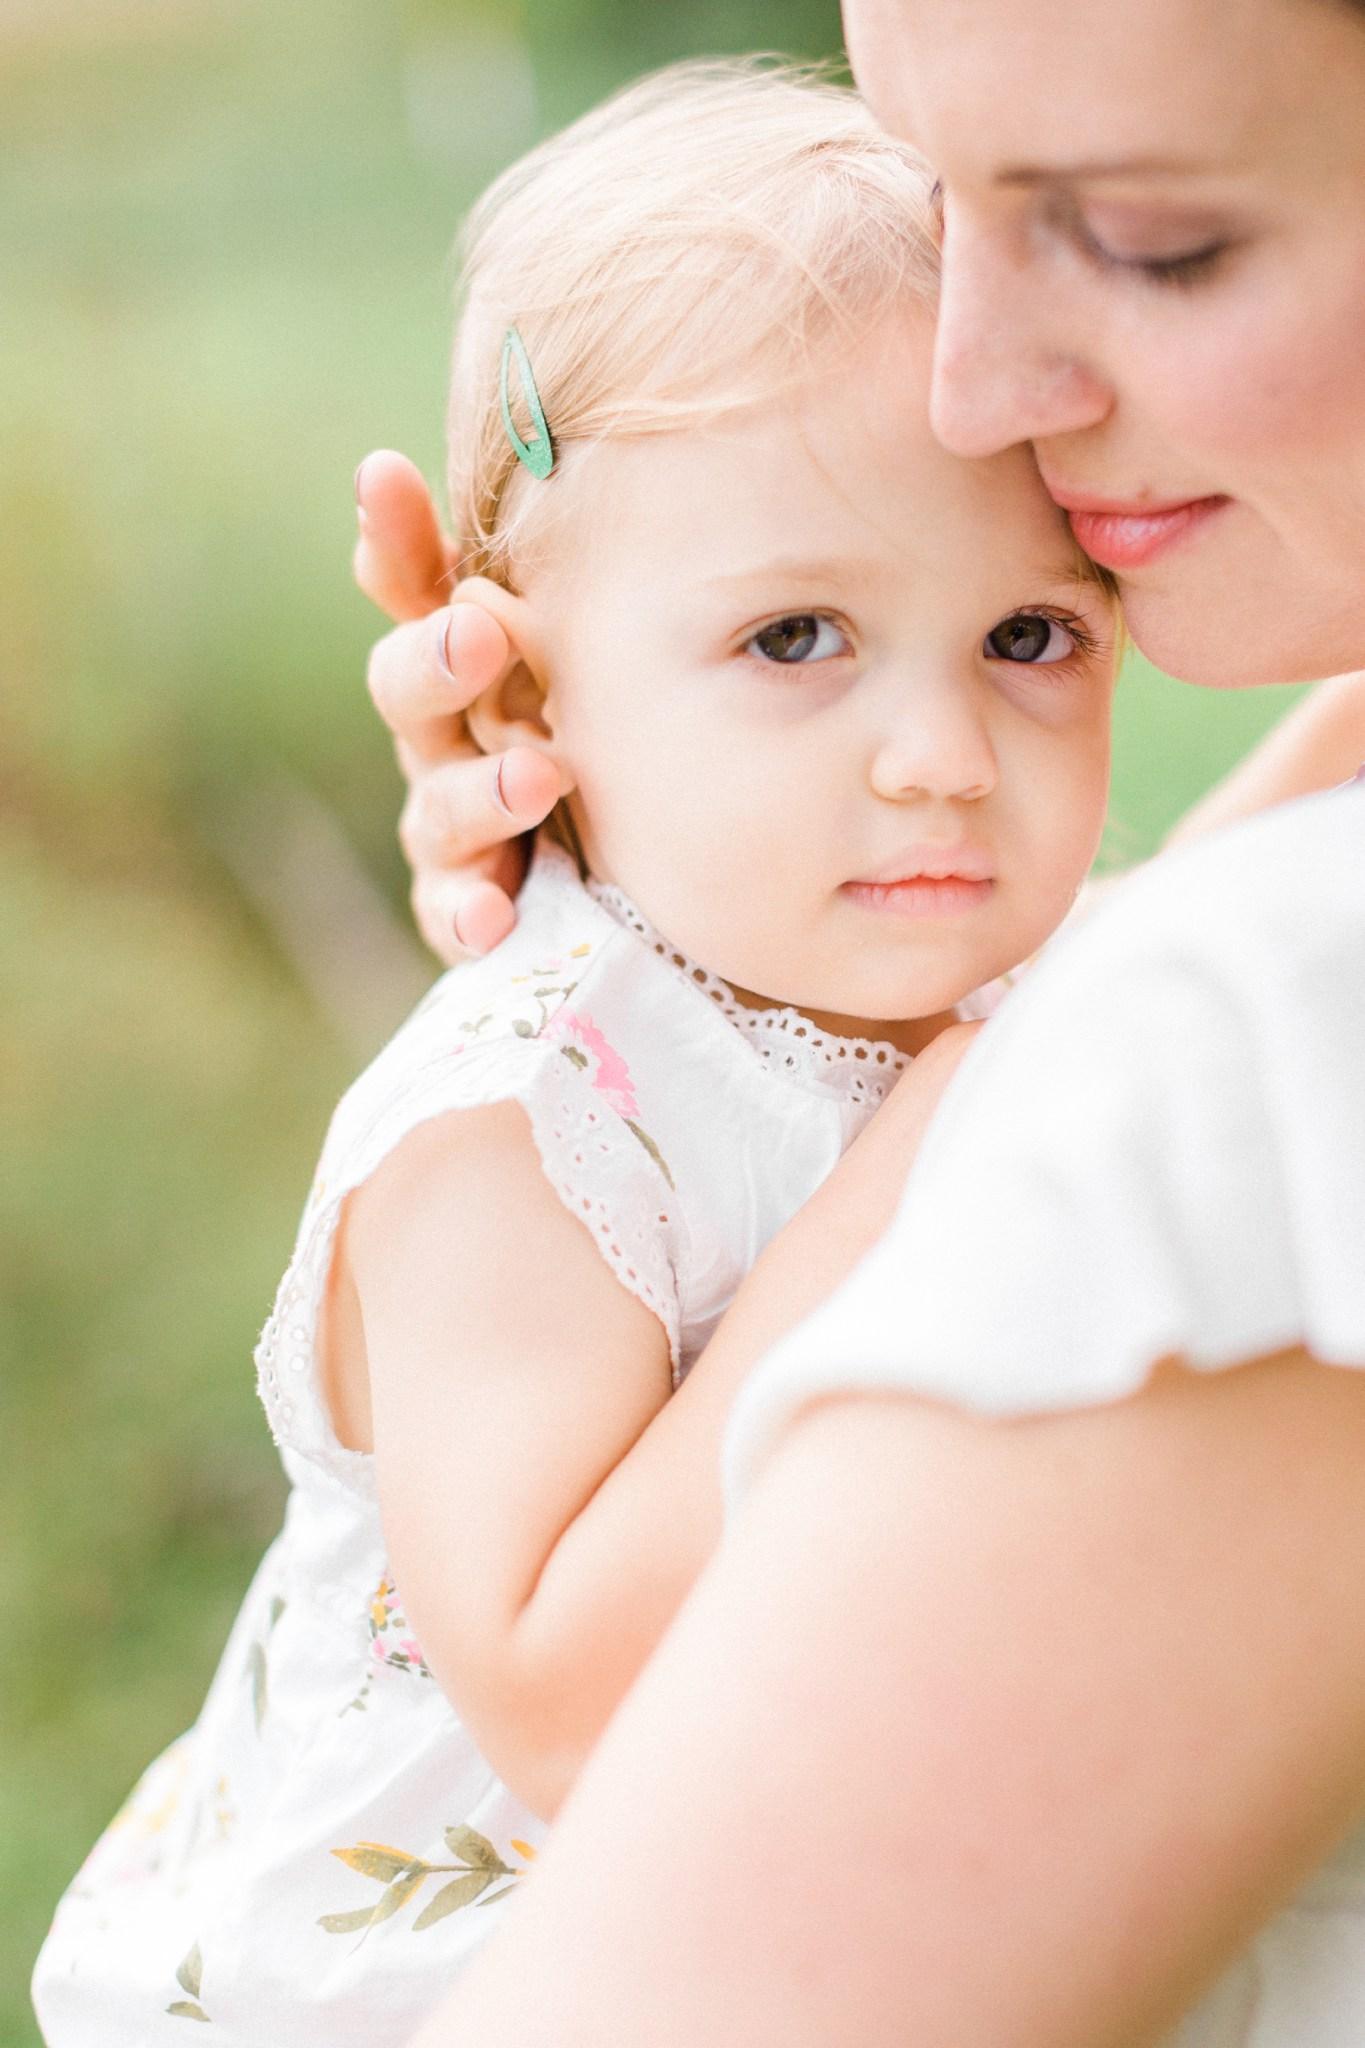 debroah_zoe_photography_family_portraits_boston_00039.JPG